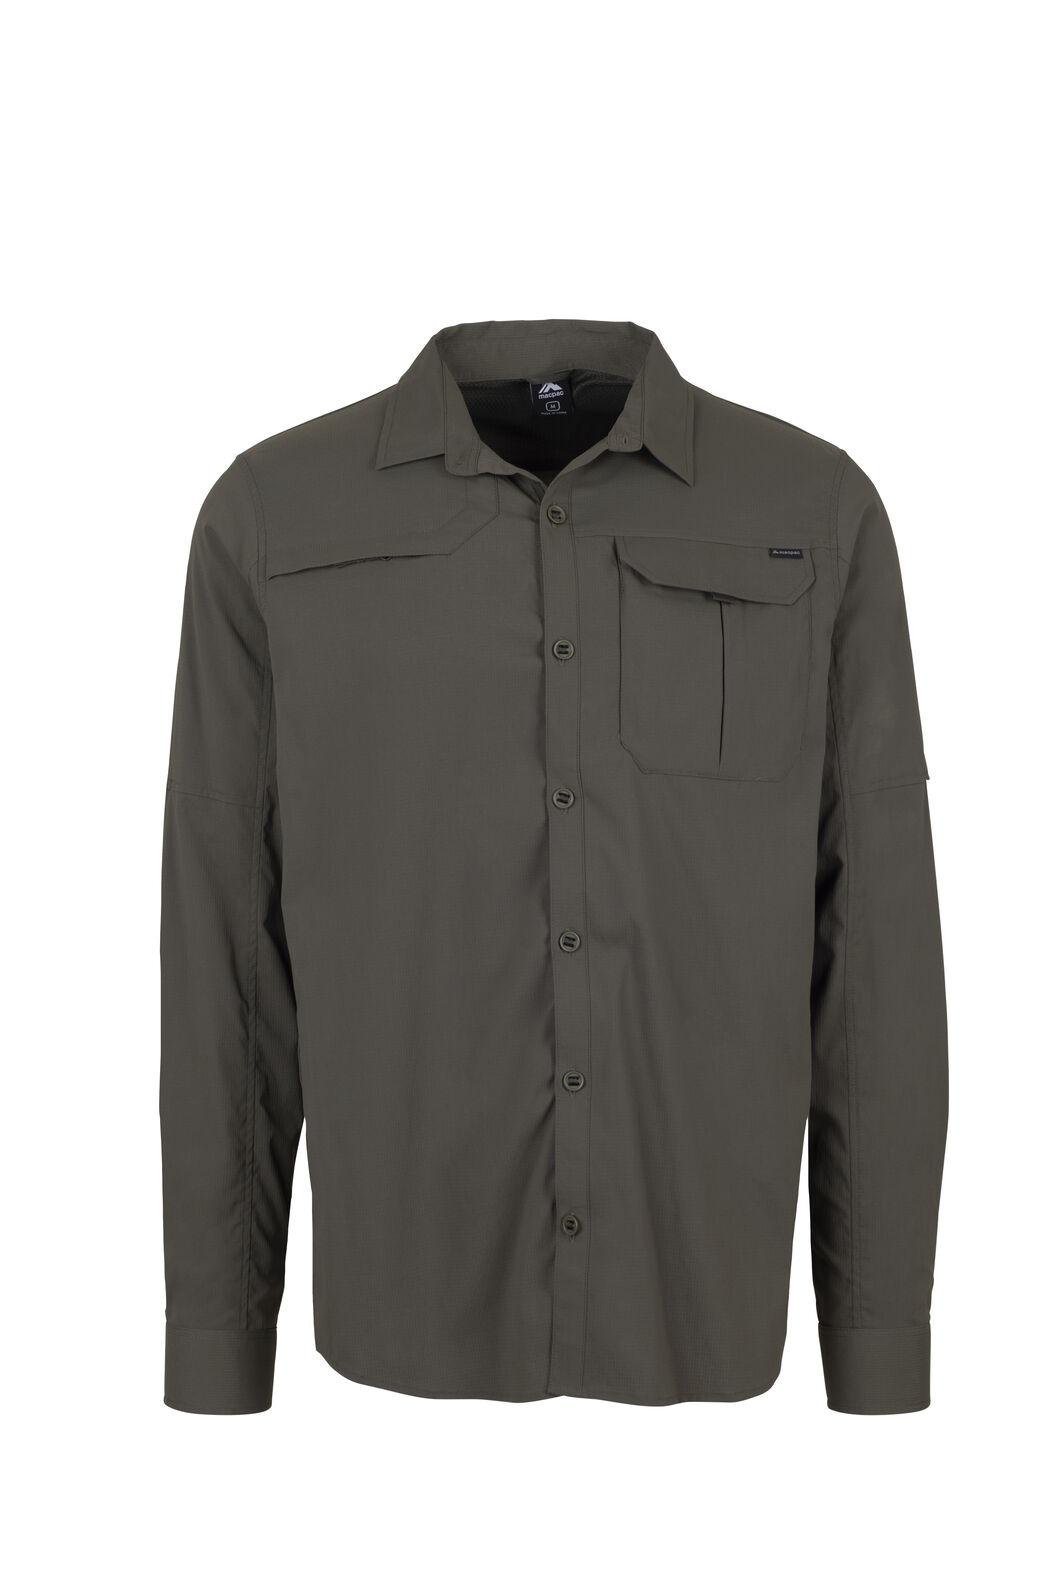 Macpac Ranger Shirt - Men's, Grape Leaf, hi-res